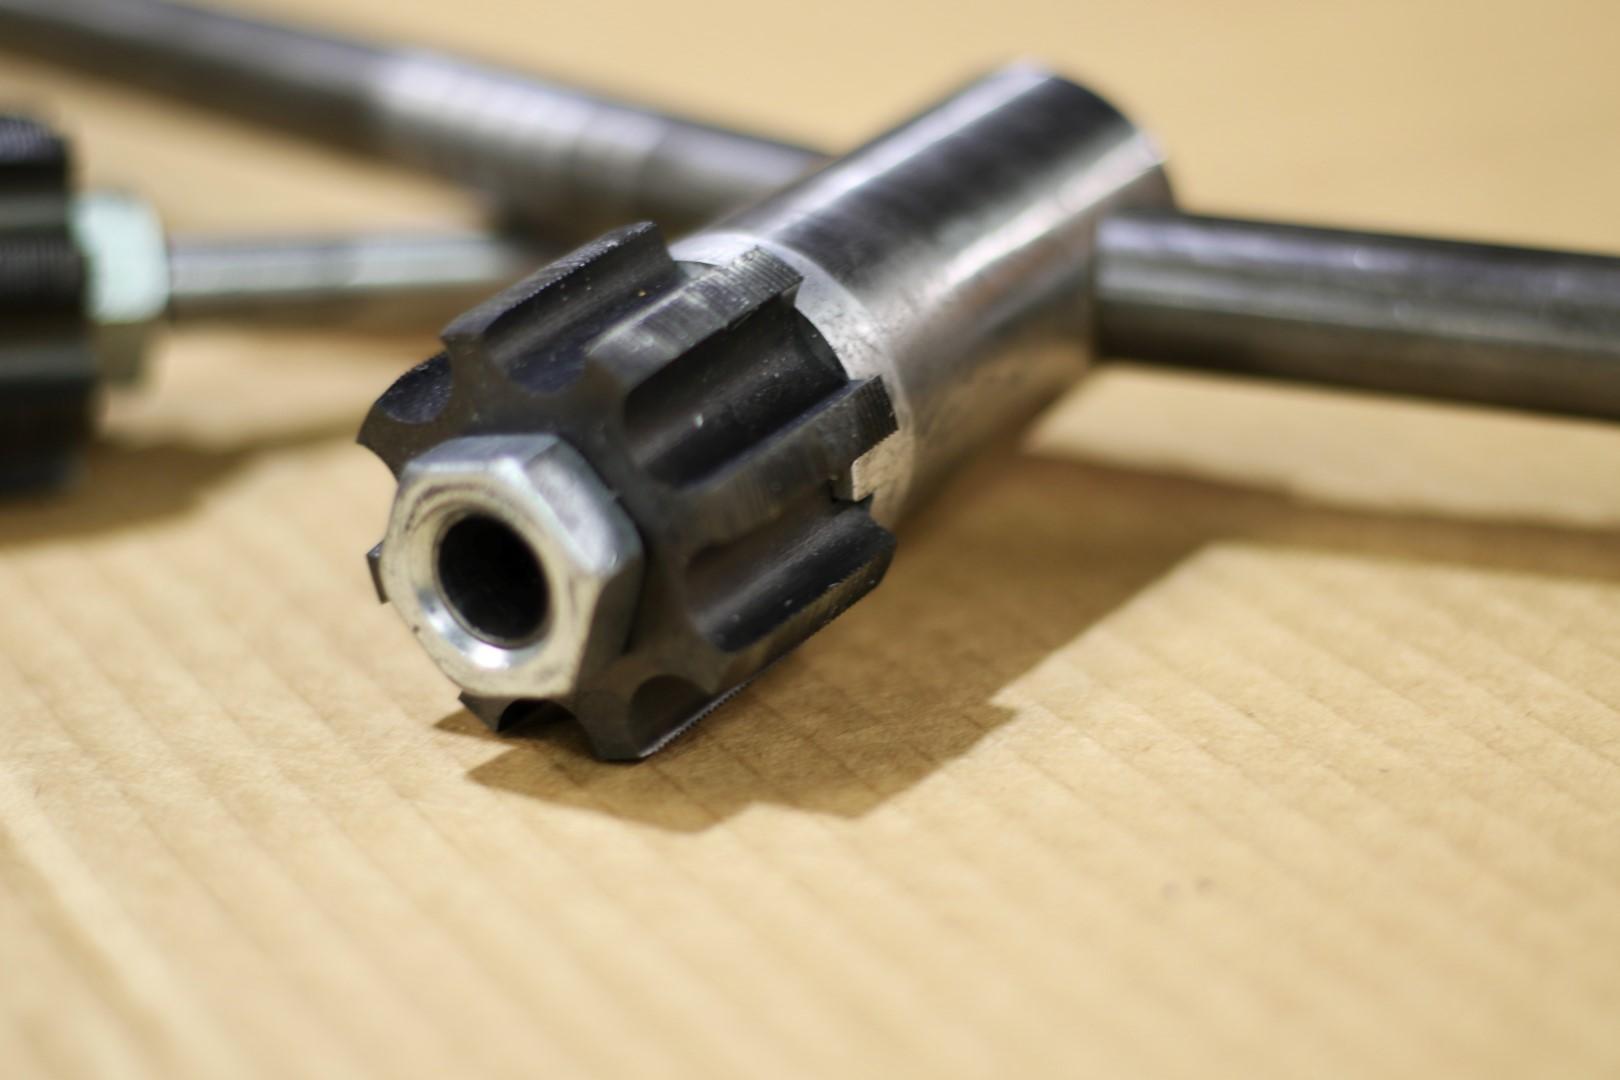 TCF-gallery-blog-tool-T47-tap-handles (6).JPG